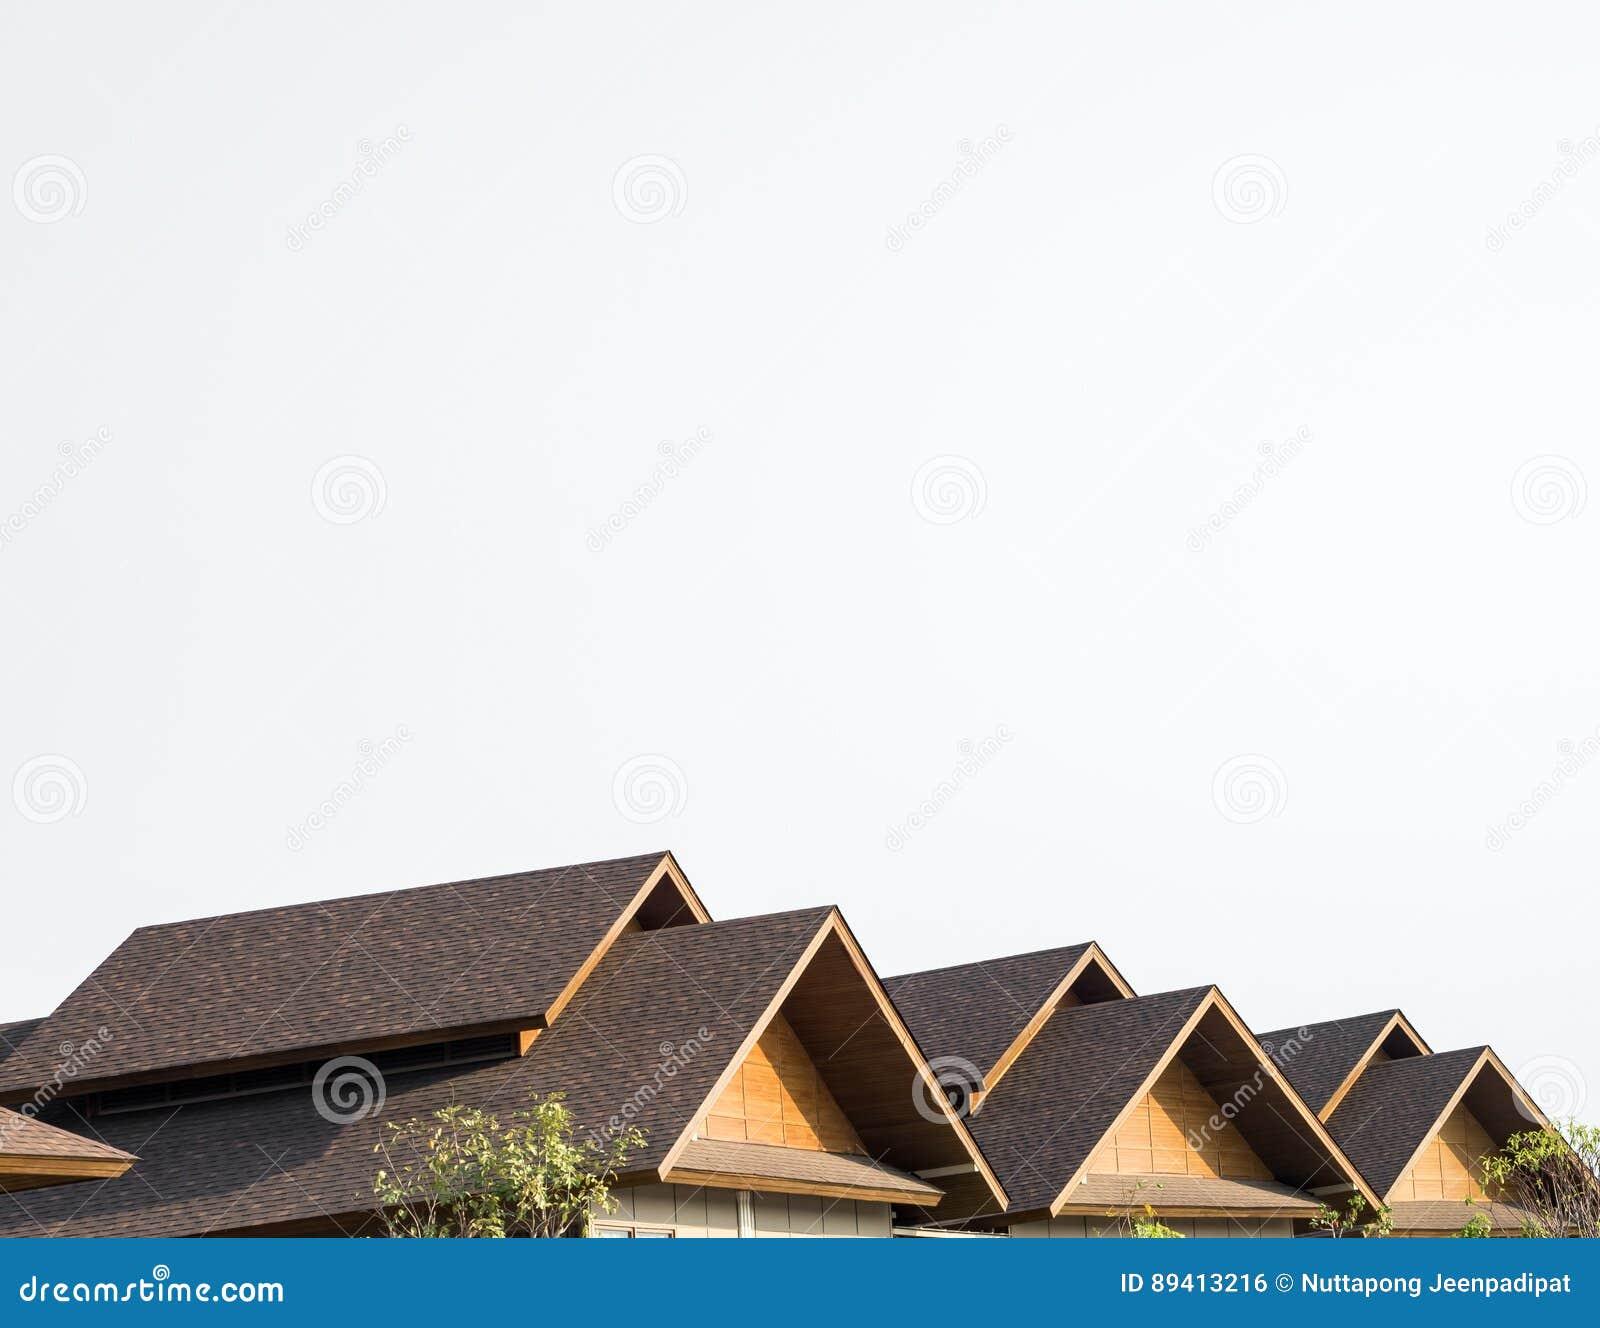 Gable Shingles Roof tripla